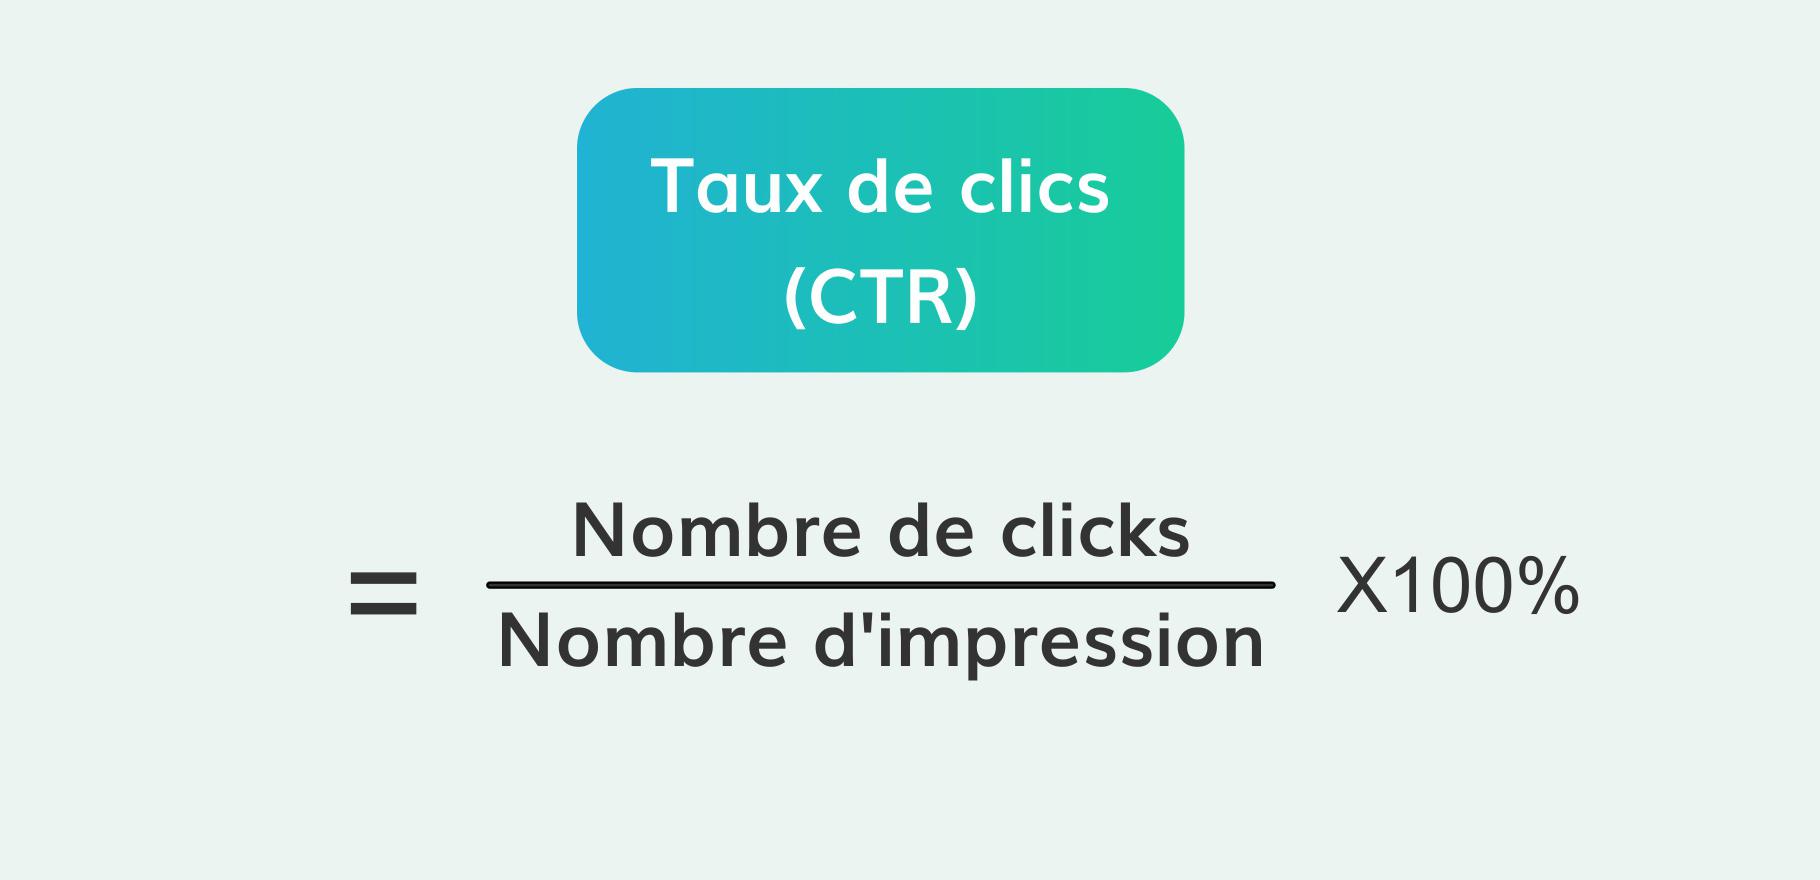 Taux-de-clics